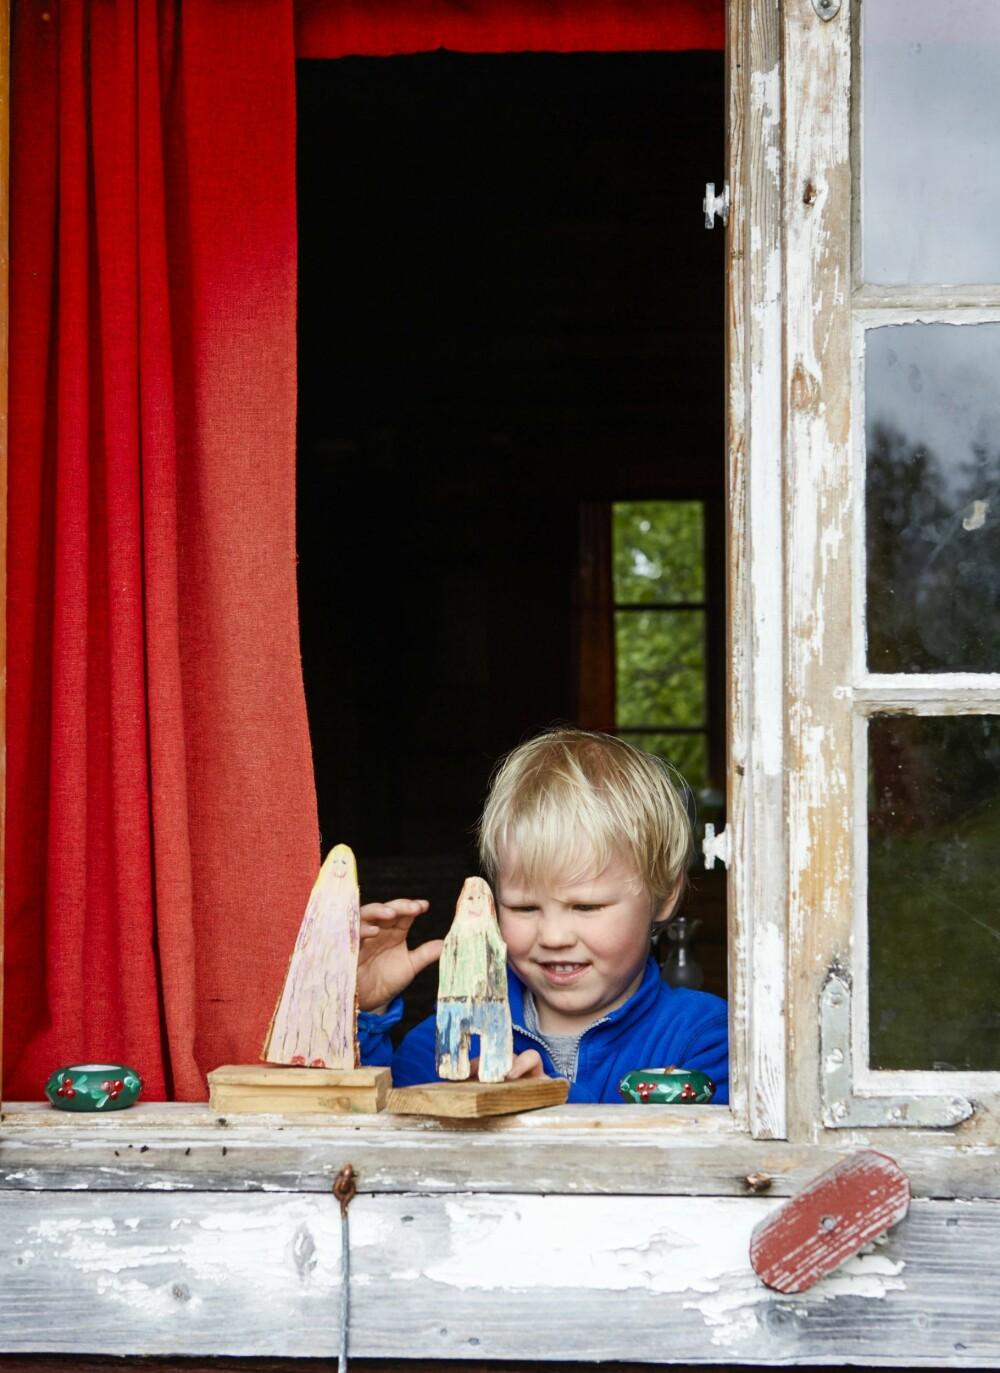 GJENSYNSGLEDE: Trefigurene, som pappa Gunnar har laget til Boas, gir gjensynsglede. (FOTO: Sveinung Bråthen)